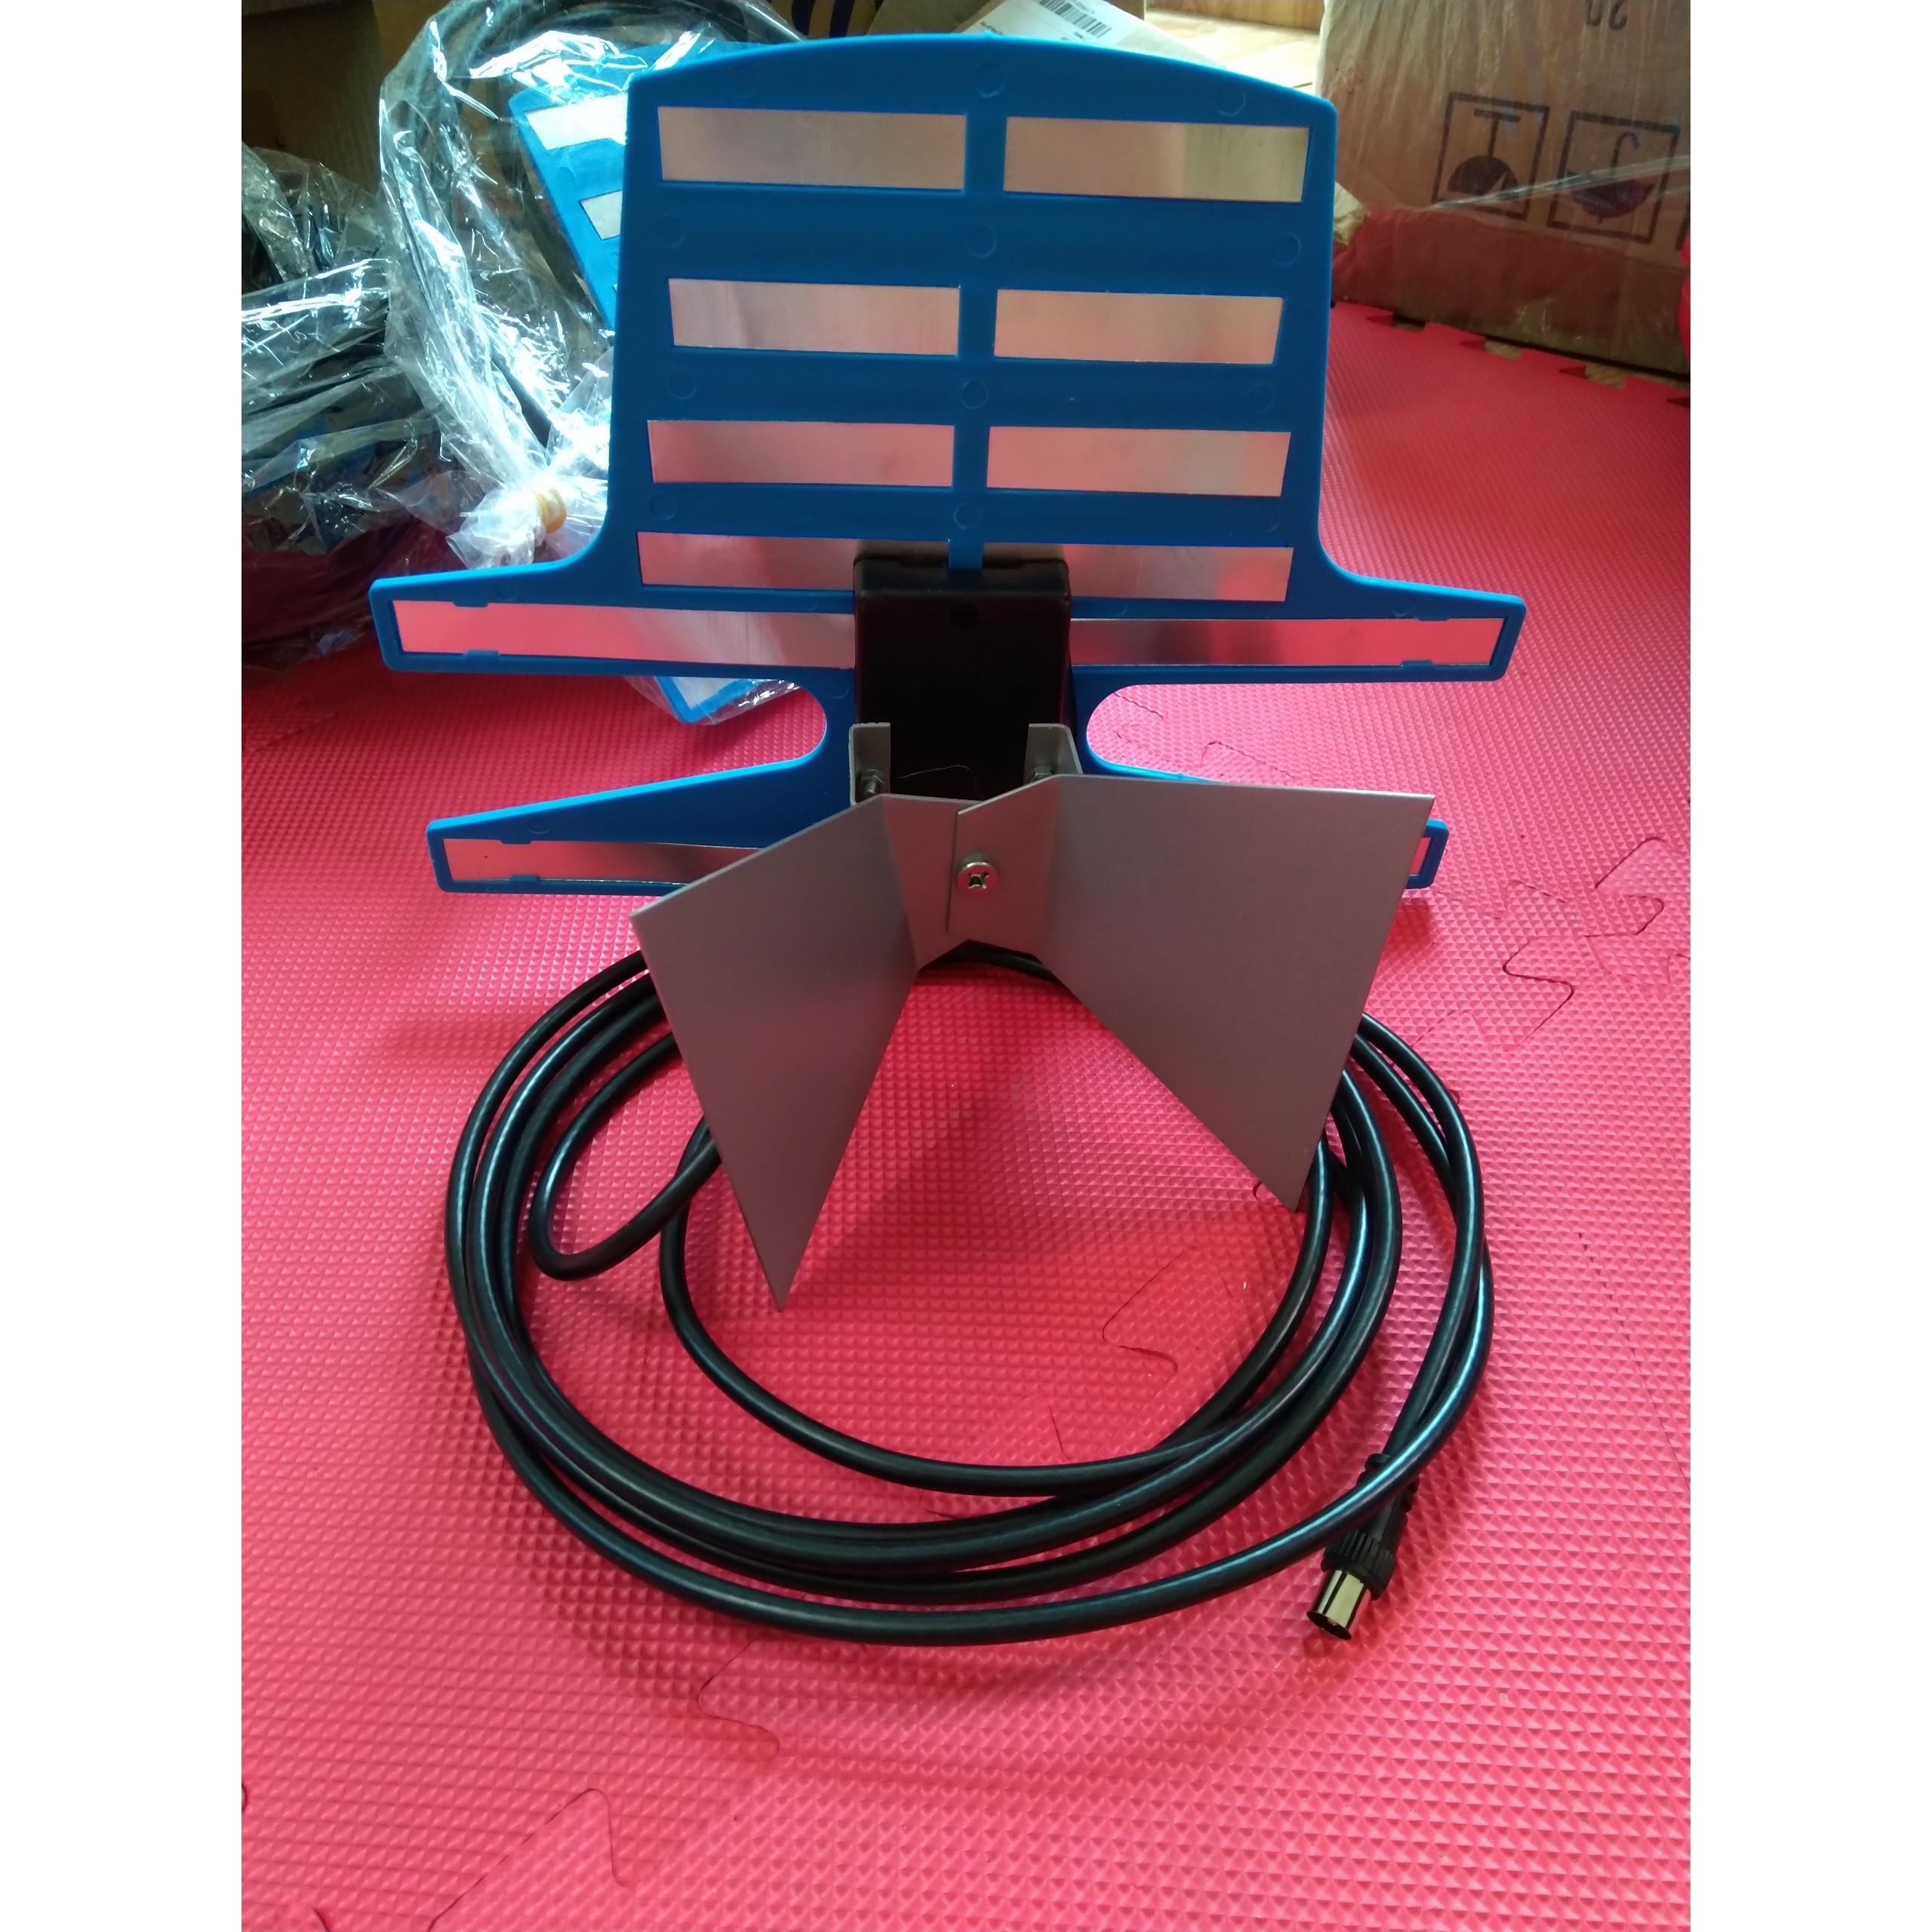 Anten Để Bàn cho Tivi và Đầu DVB T2 Thu Phát Sóng Tốt Kèm Dây Dài